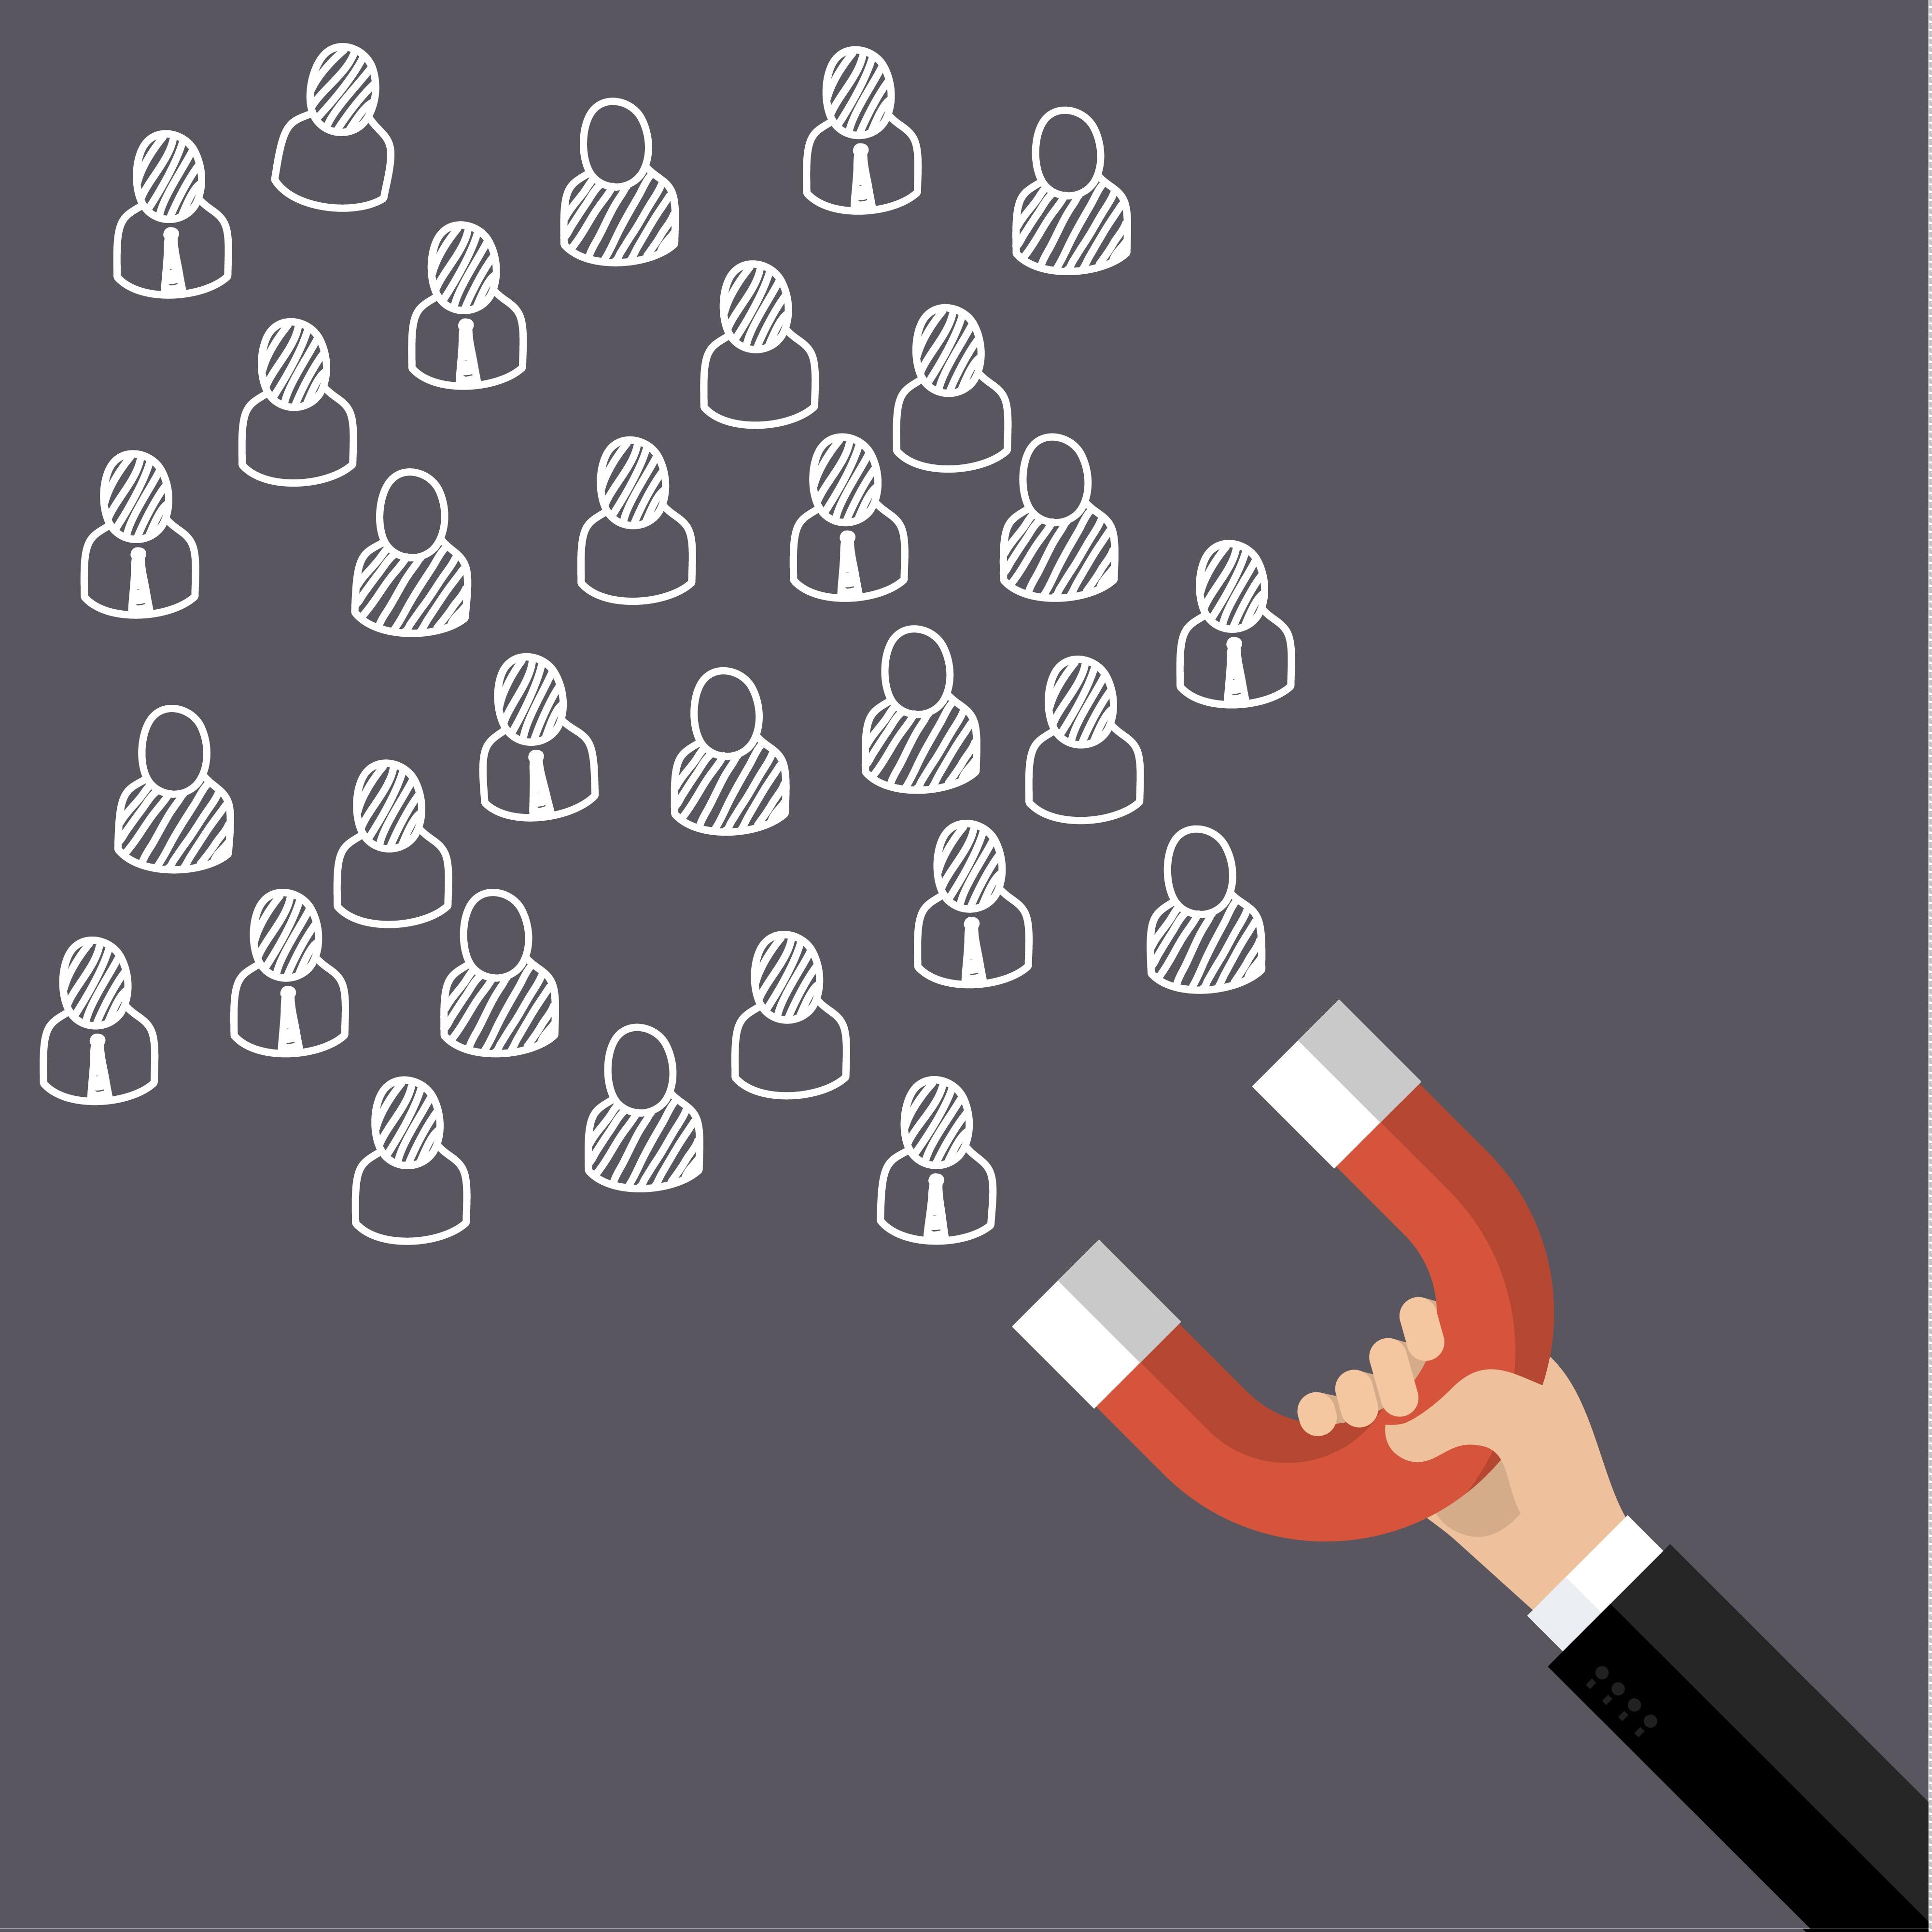 3_maneiras_de_atrair_novos_clientes_com_marketing_digital.jpg